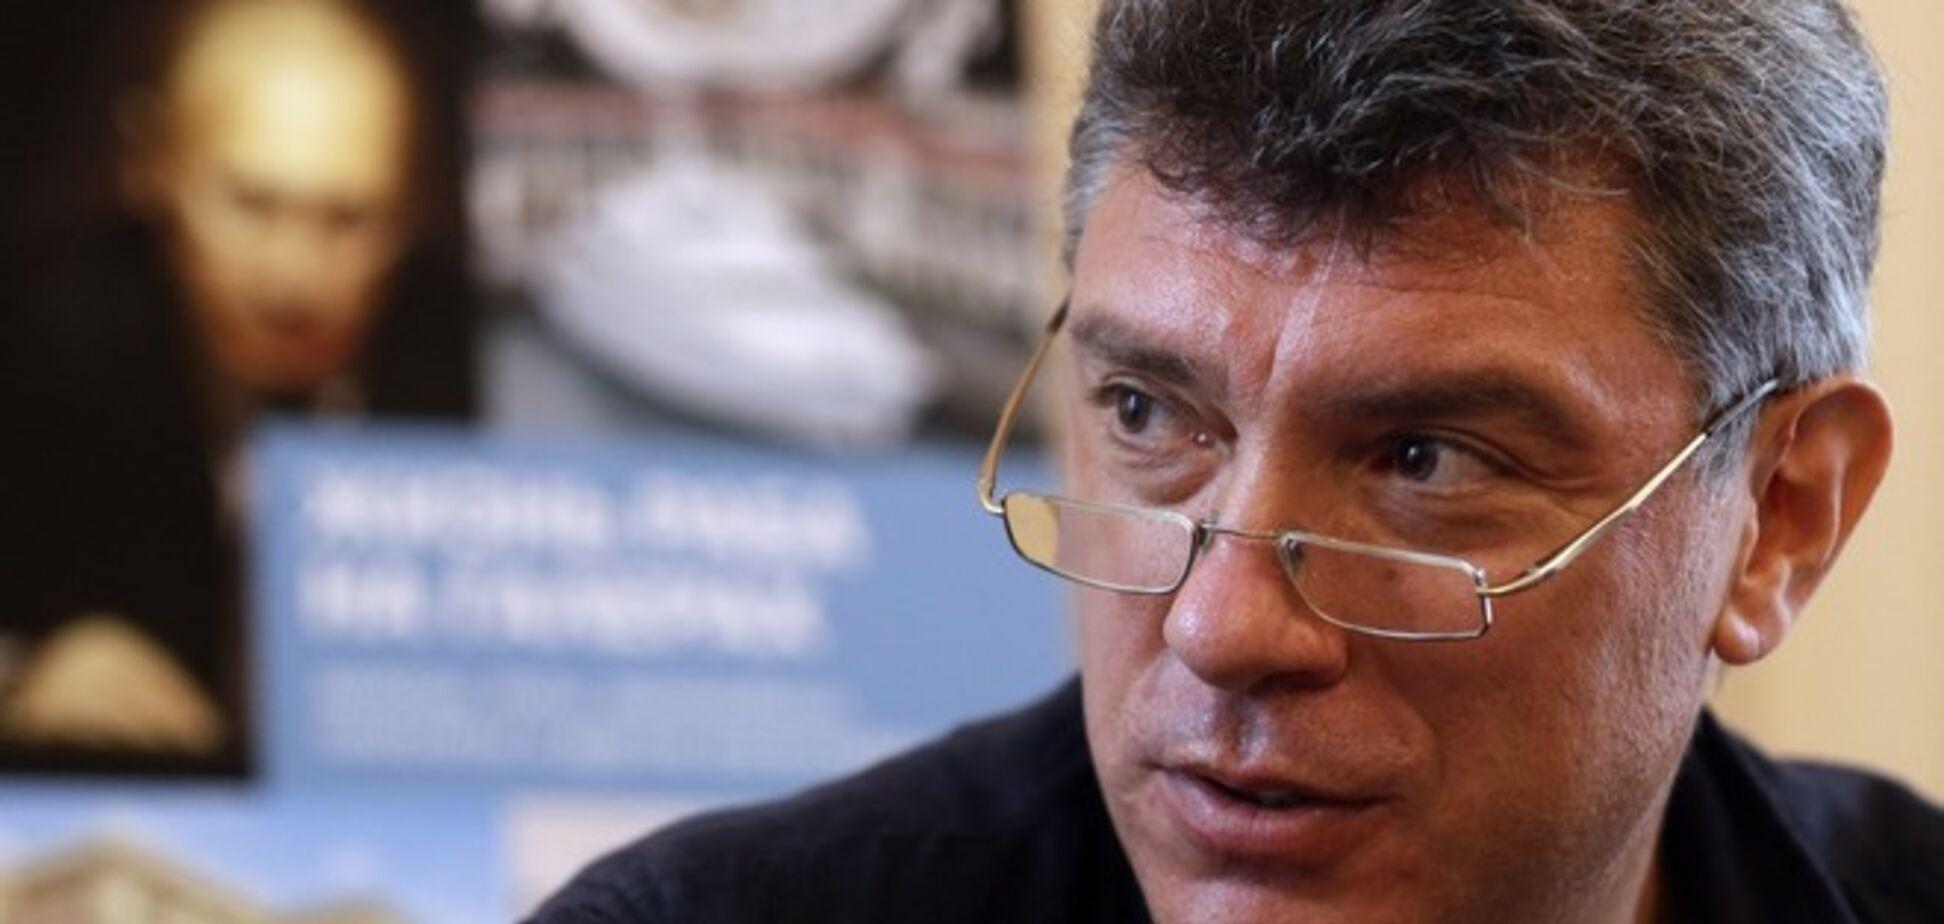 Немцов рассказал о планах 'неадекватного' Путина в отношении Украины